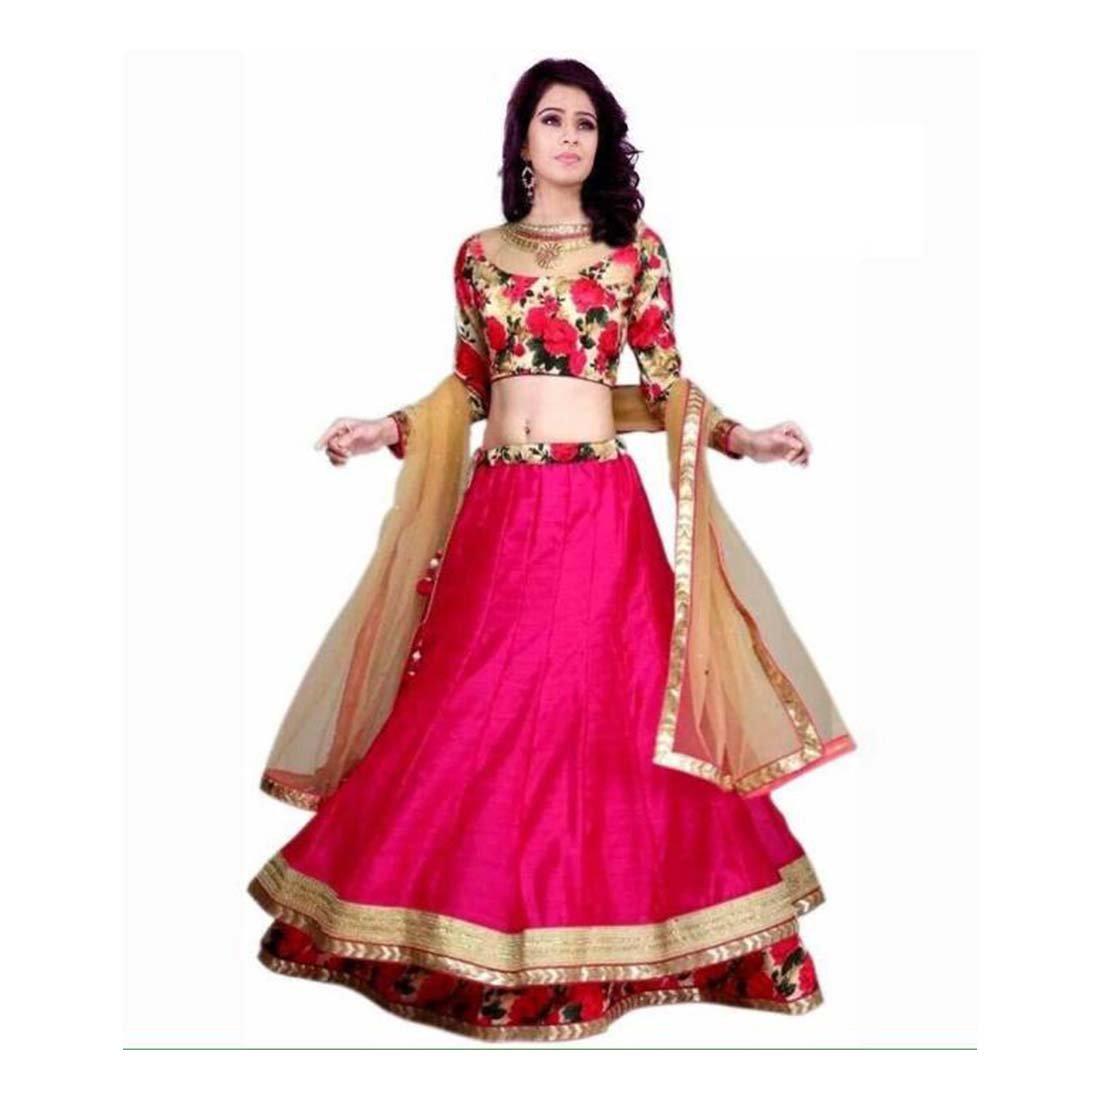 Floral Print Ghagra, Choli, Dupatta Set (Pink) FKSAR-01467